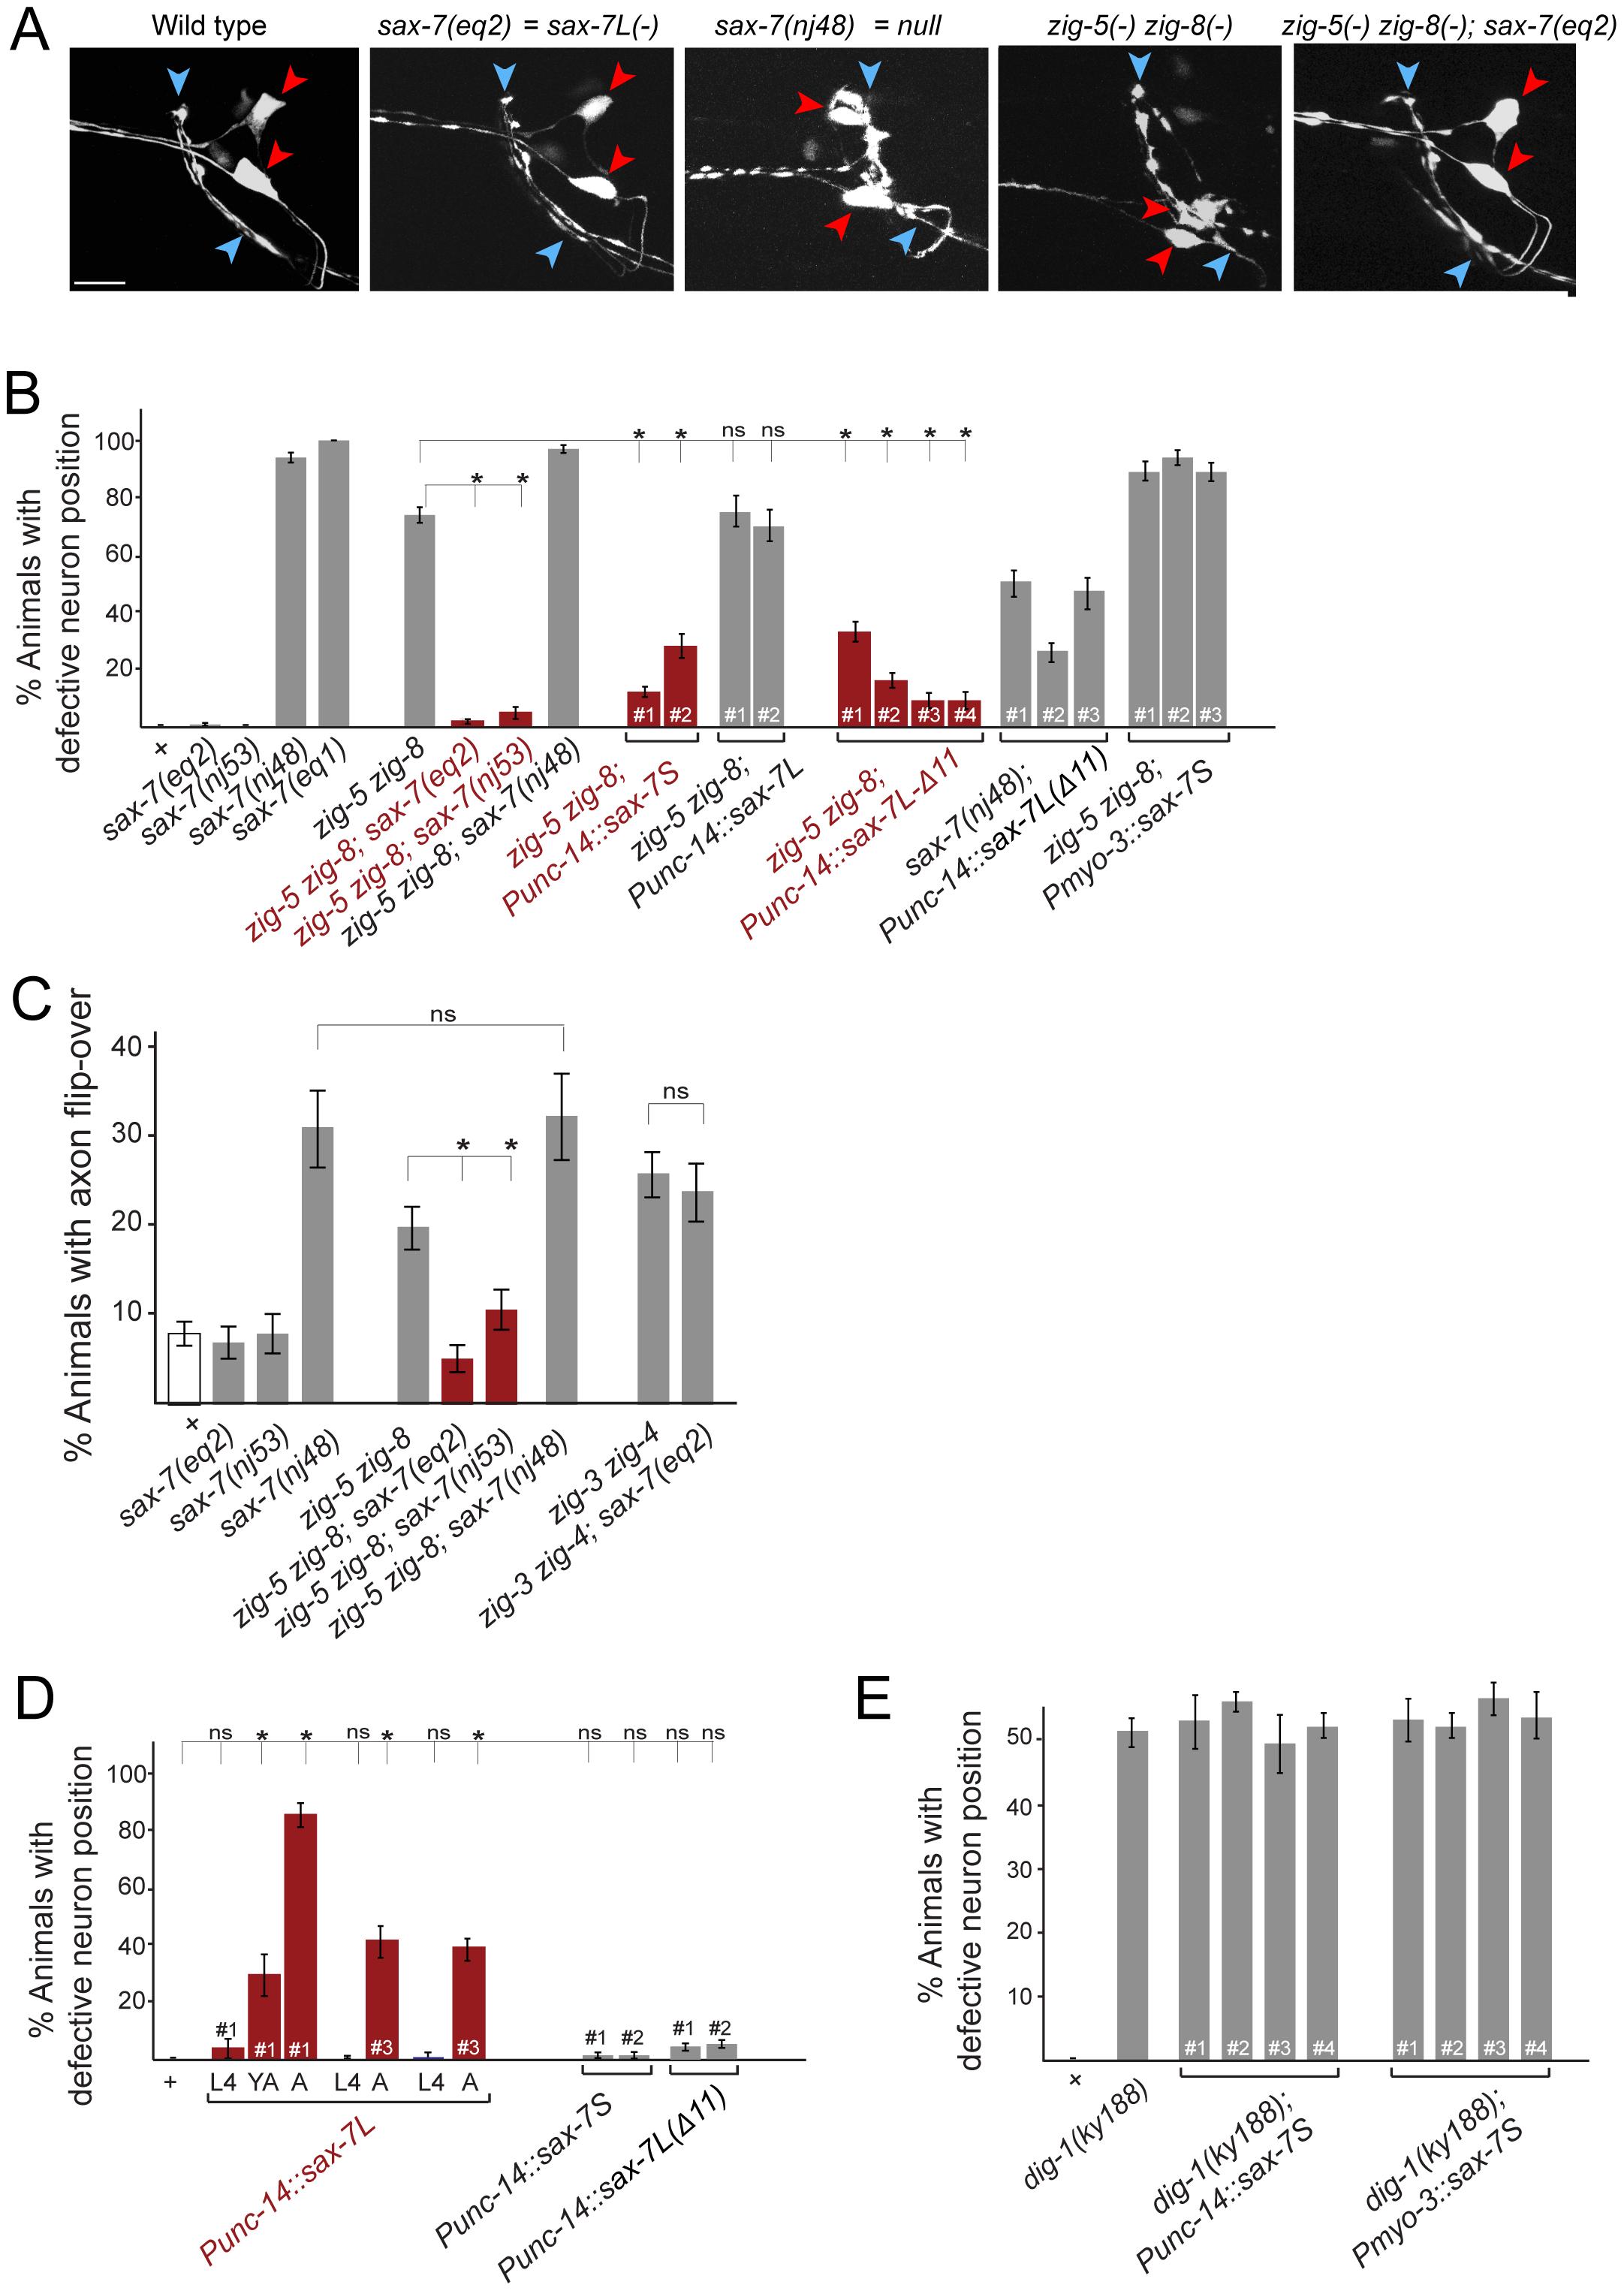 Genetic interactions between <i>zig-5, zig-8</i> and <i>sax-7</i>.